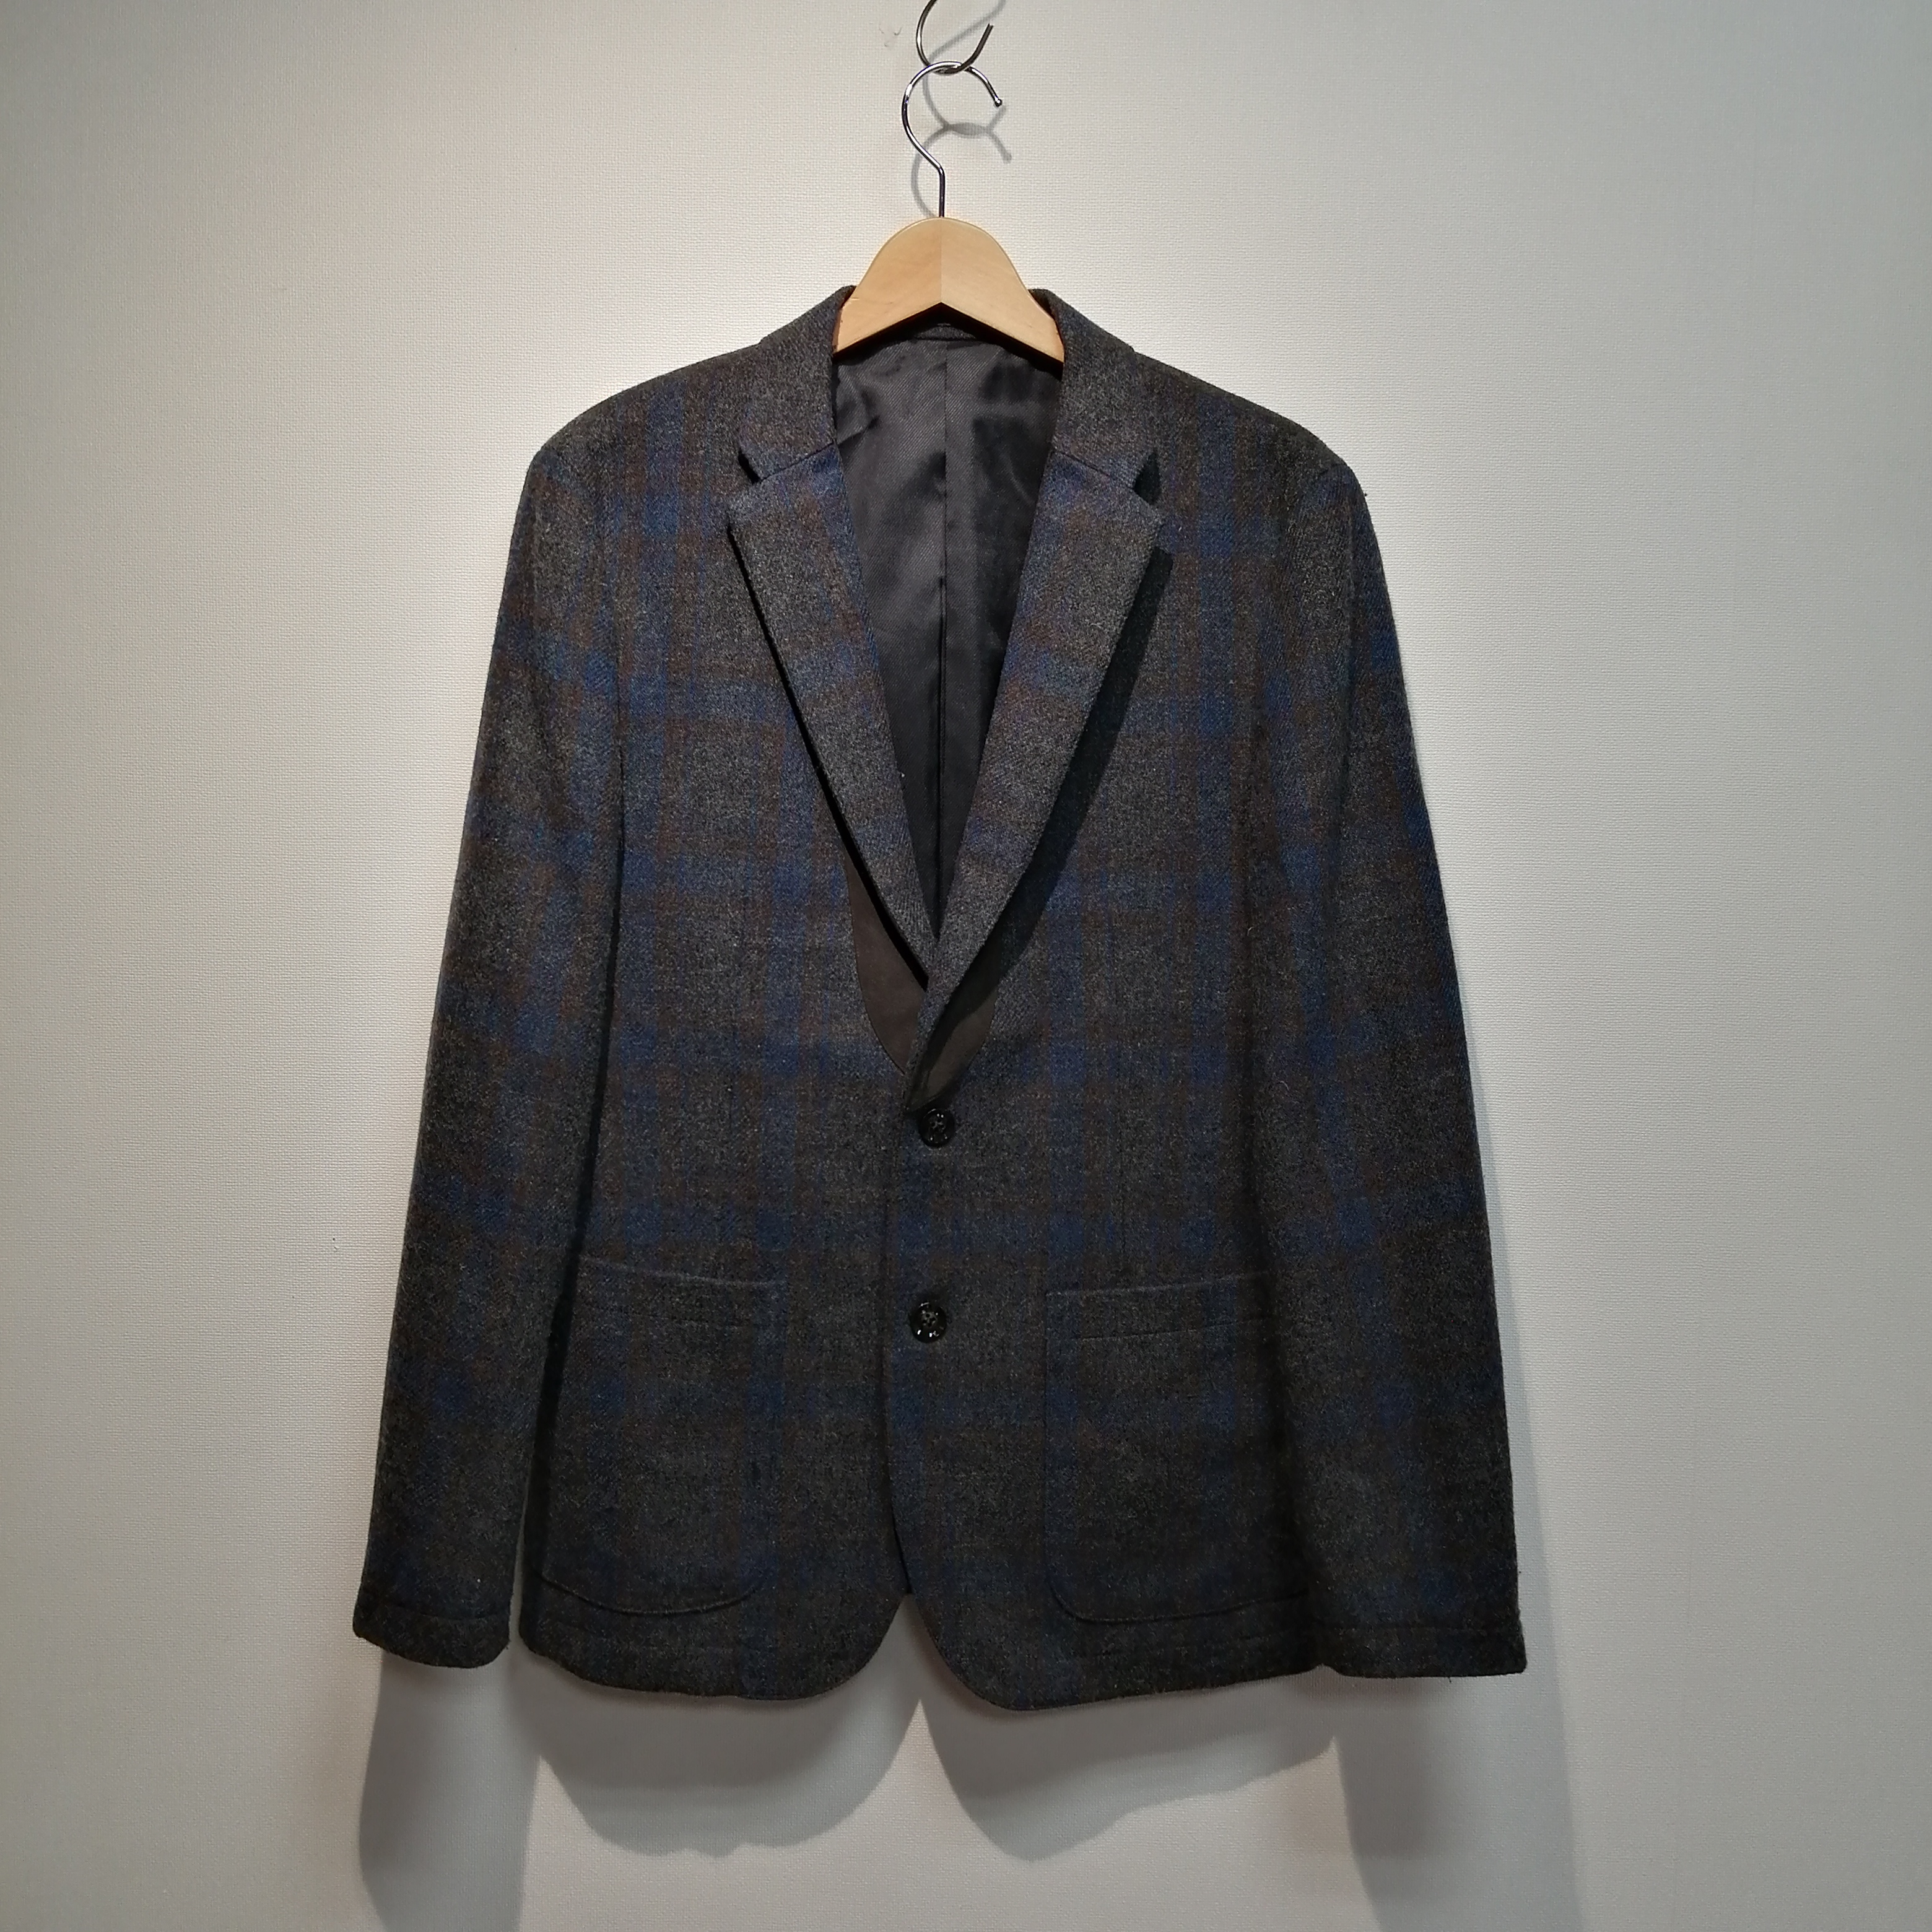 ウール混ジャケット PRINGLE 1815